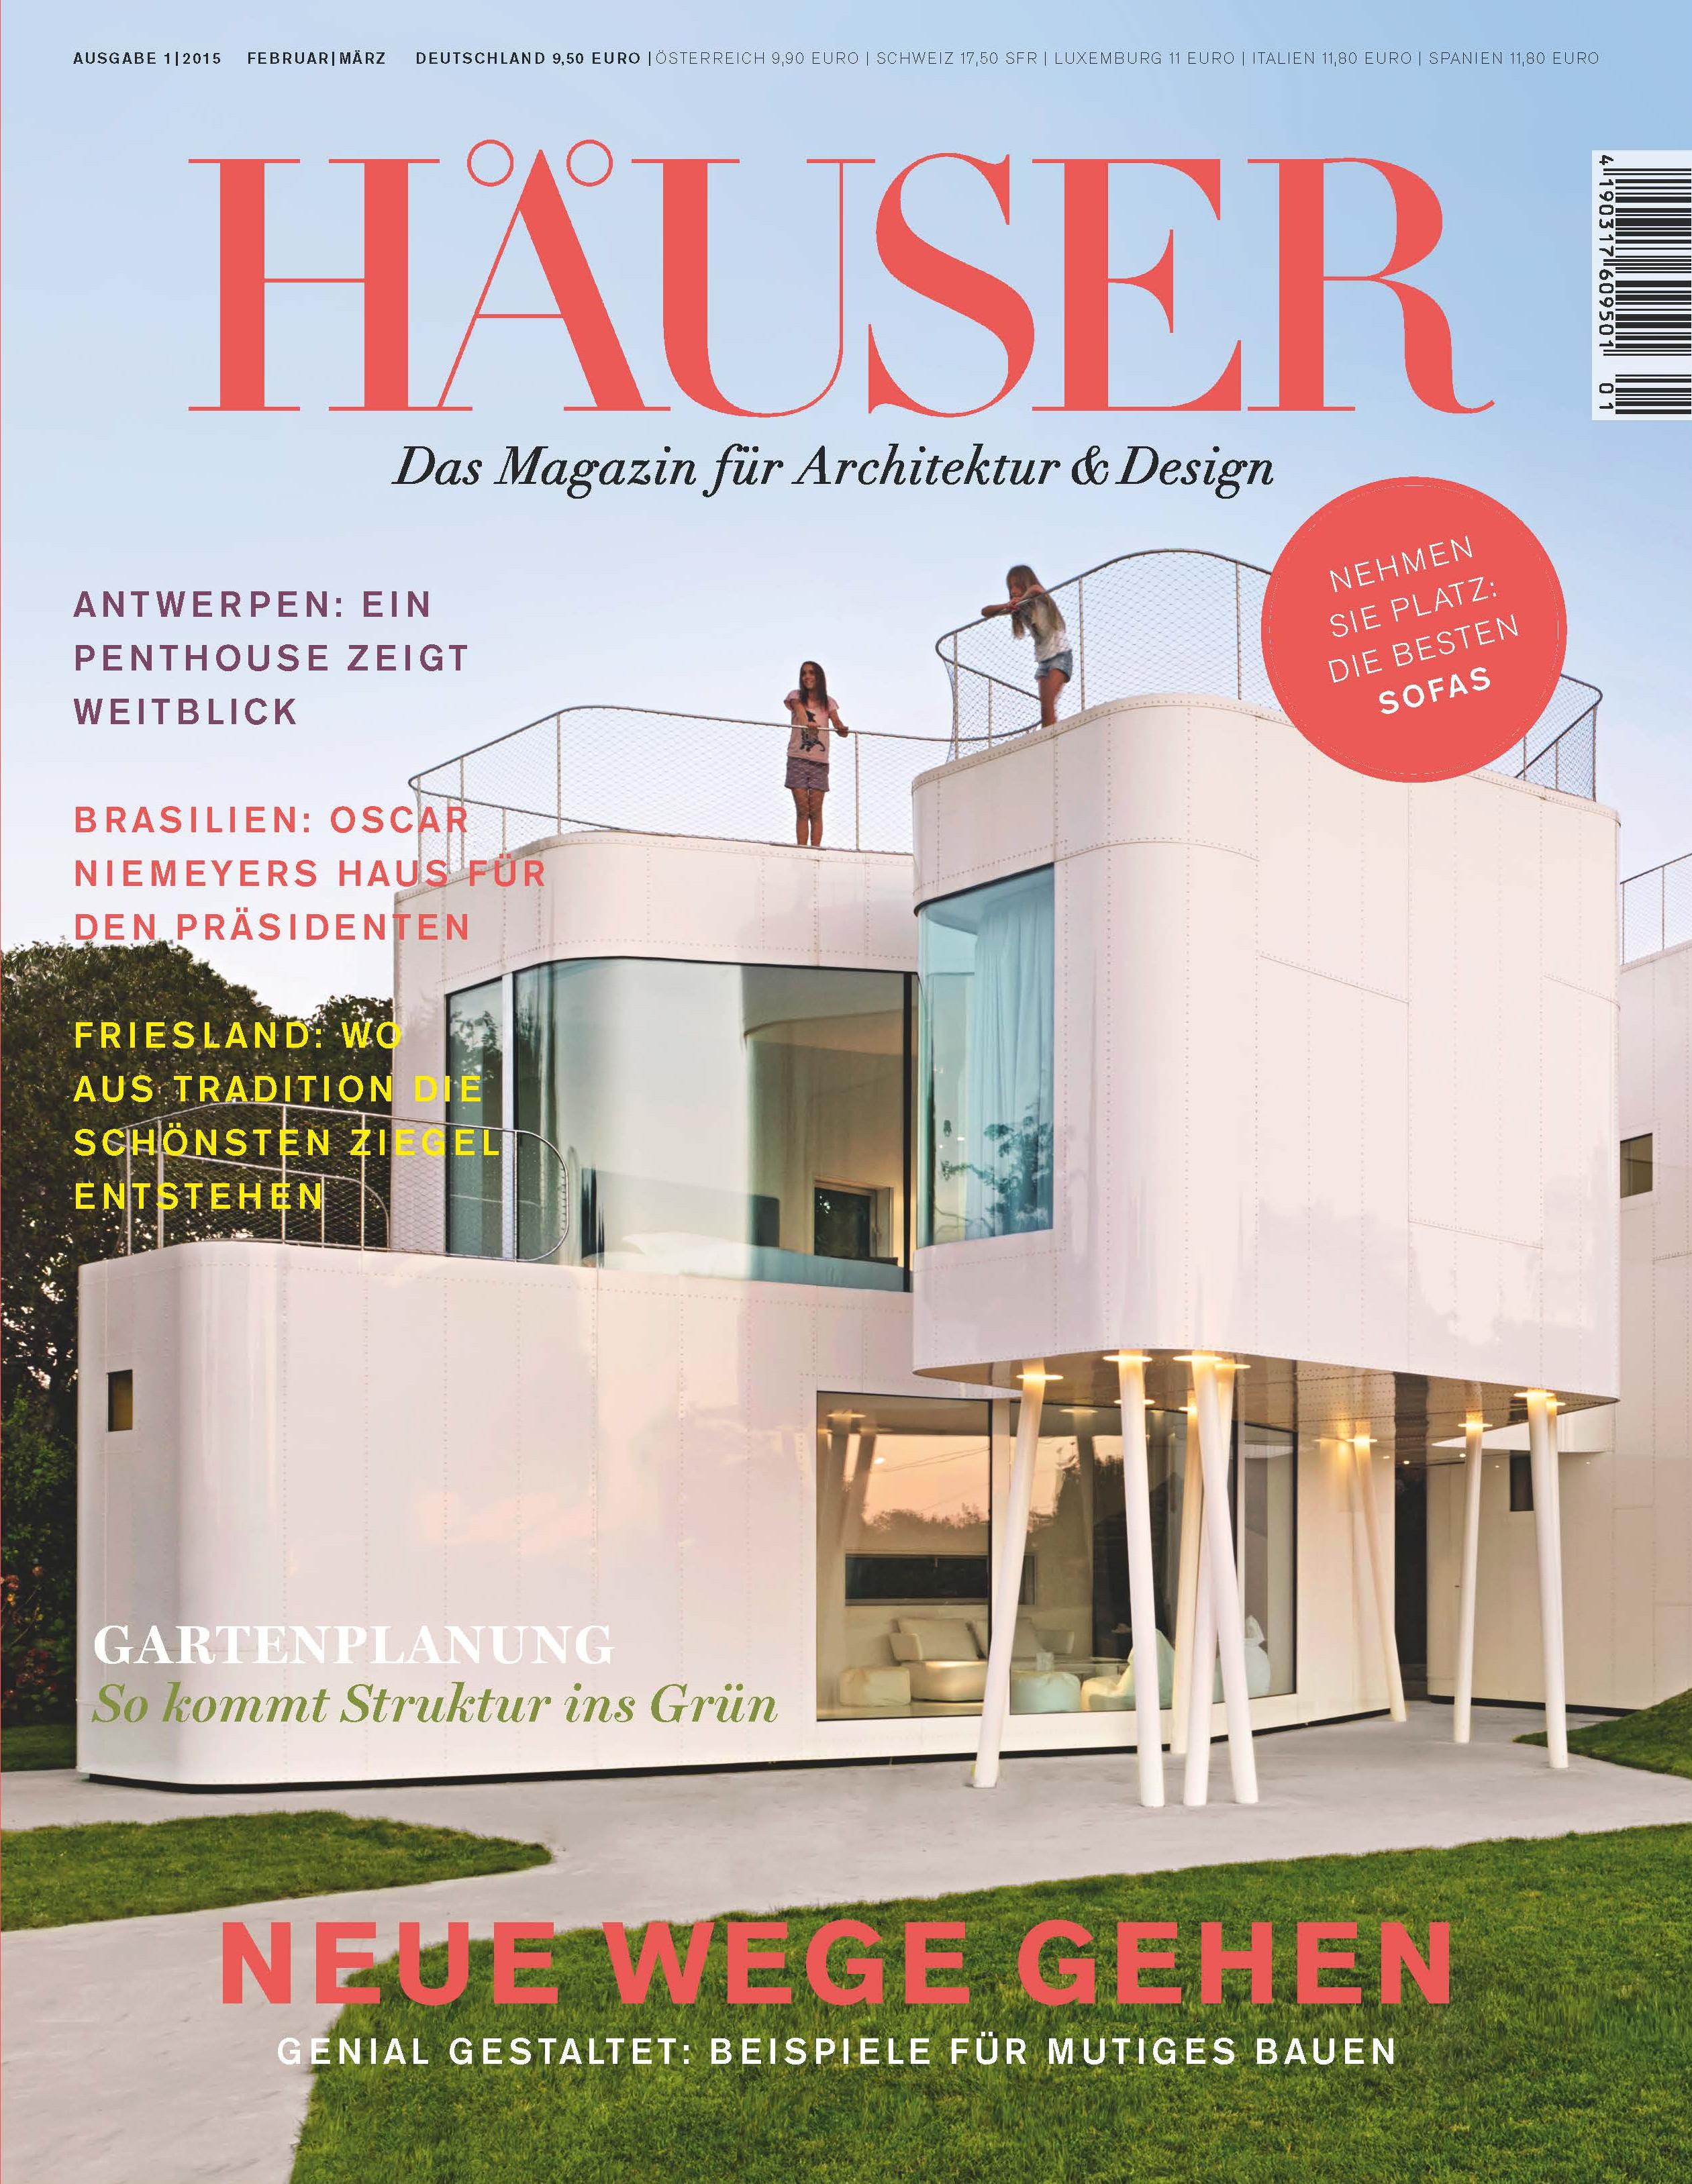 Die besten der besten in europa deutschlands premium architektur magazin h user presseportal - Beste architektur uni europa ...